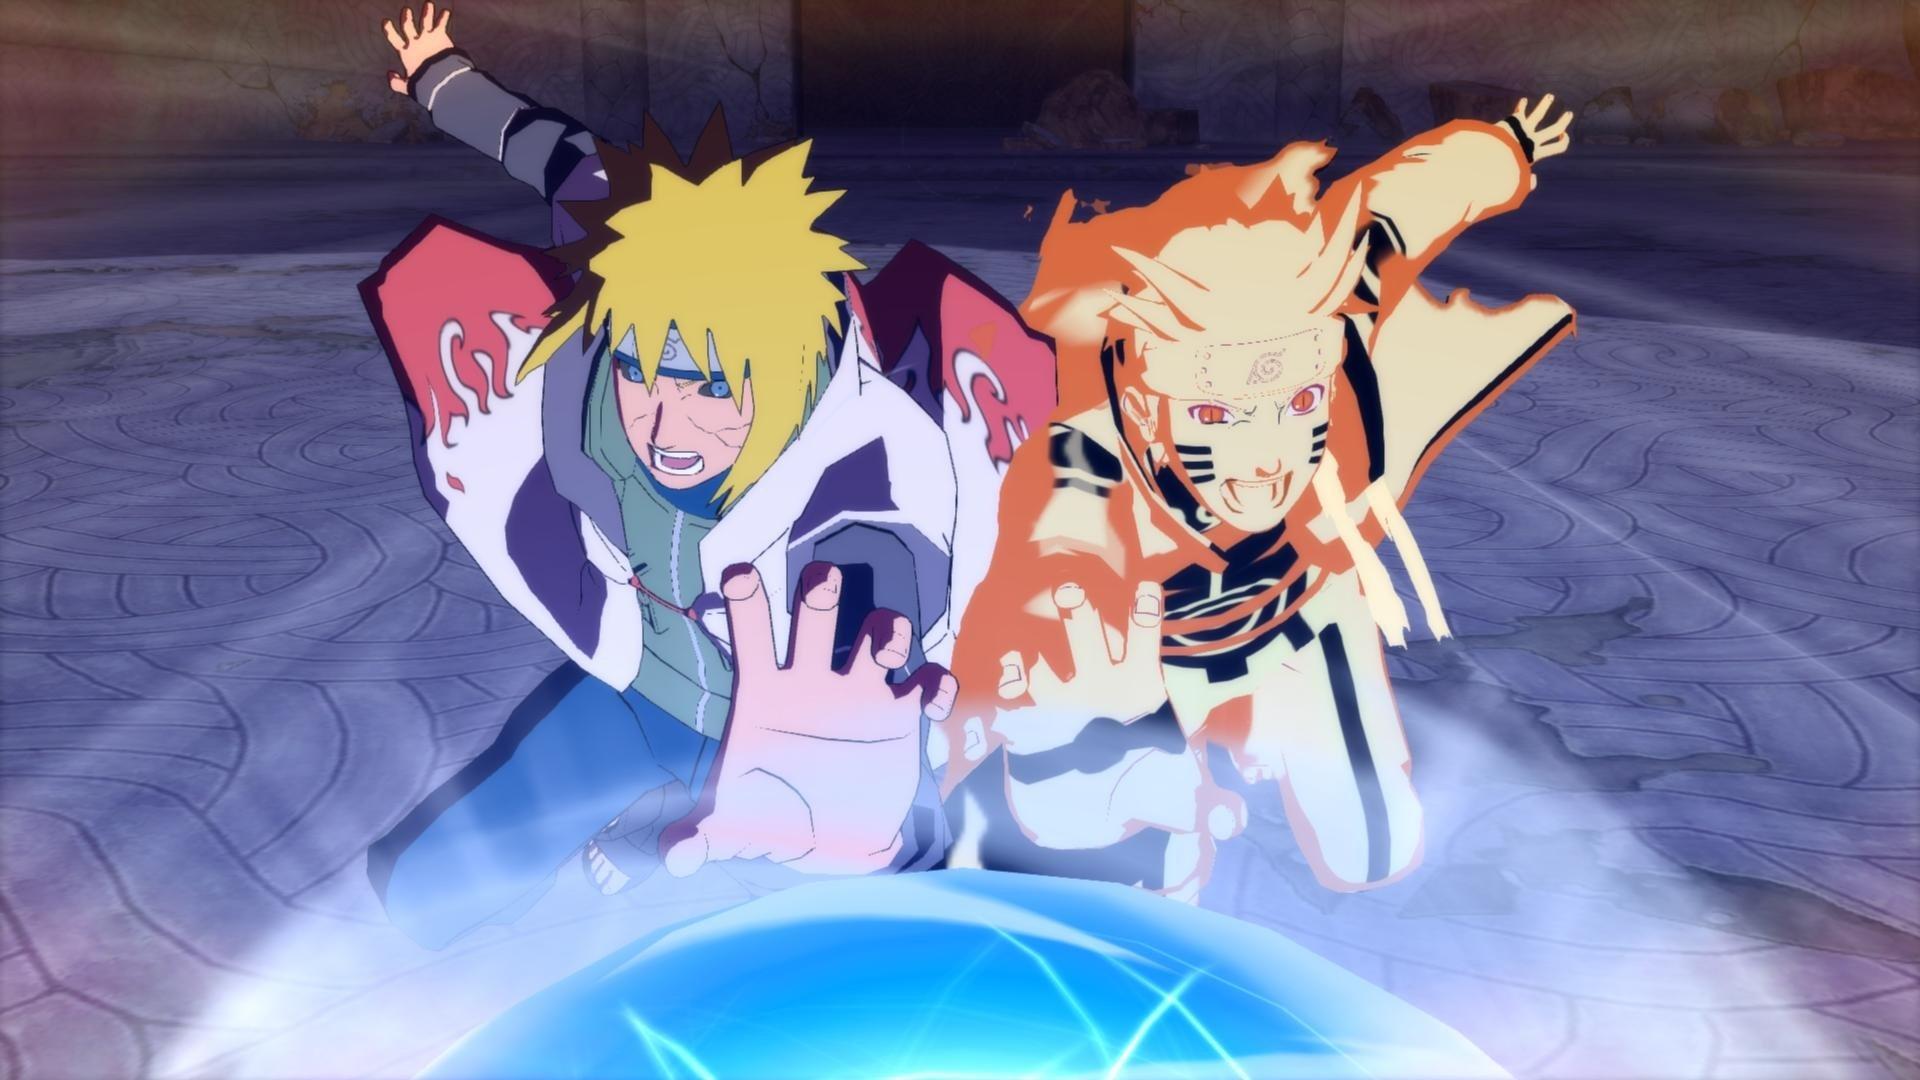 Naruto minato hd wallpaper background image 1920x1080 - Minato background ...